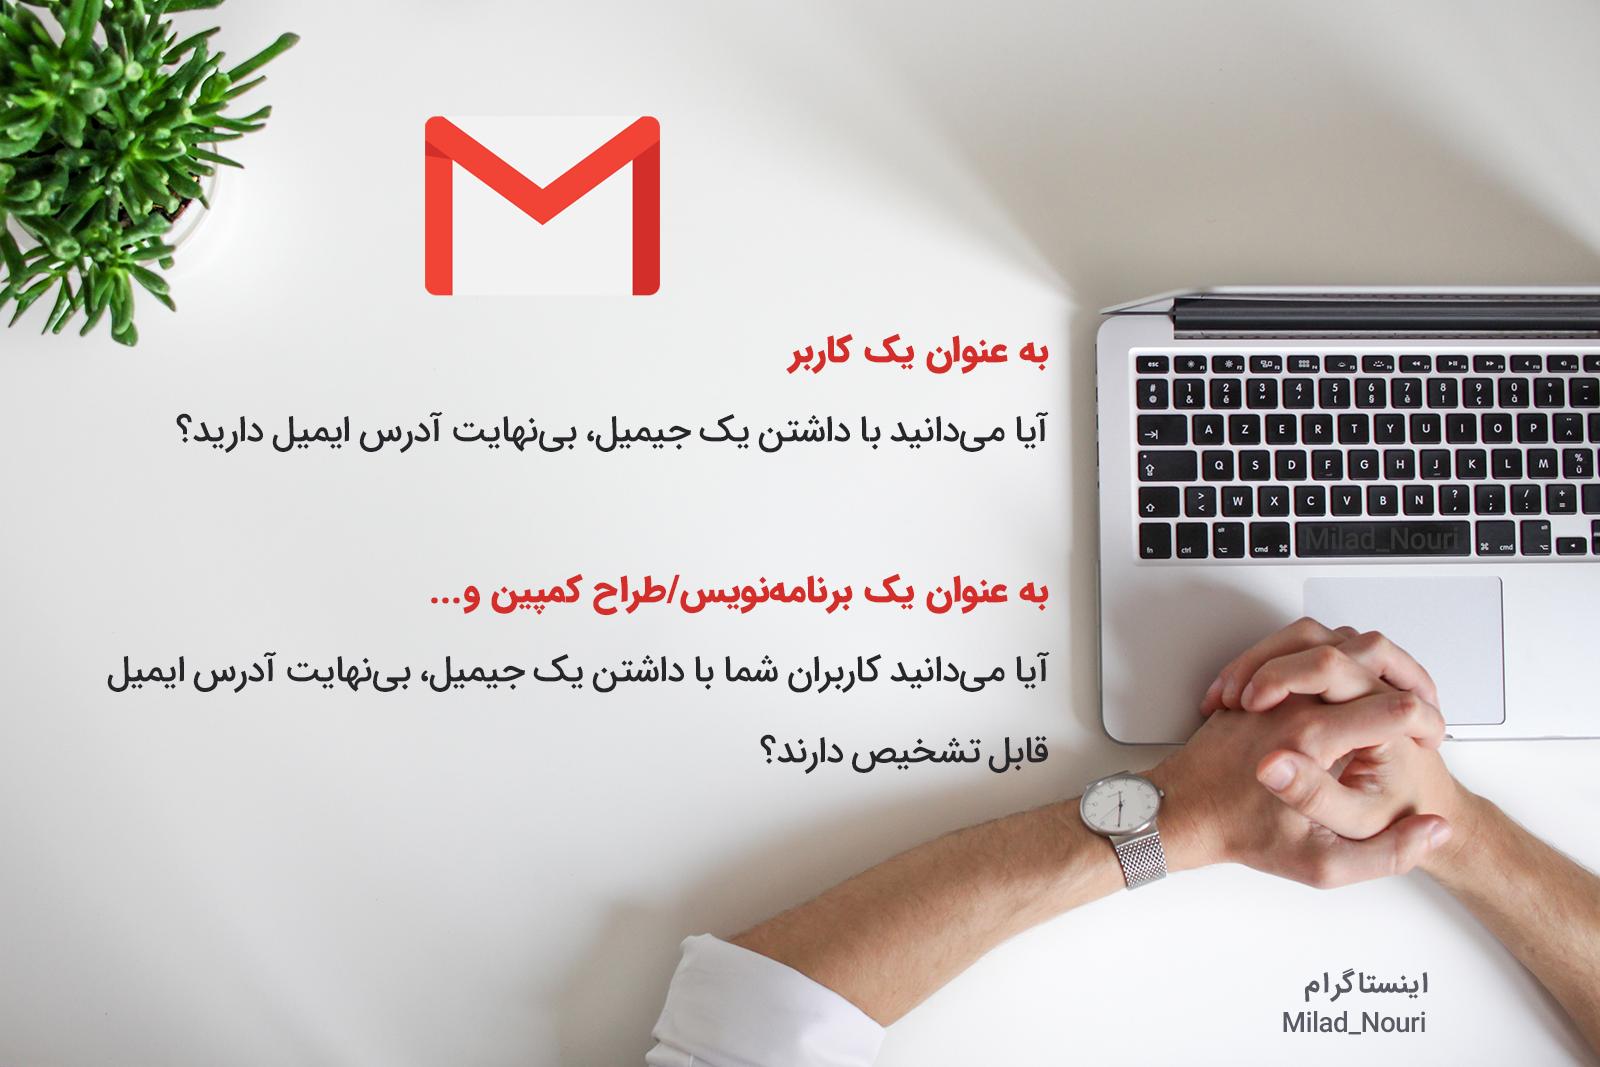 آیا میدانید با داشتن یک جیمیل، بینهایت آدرس ایمیل دارید؟